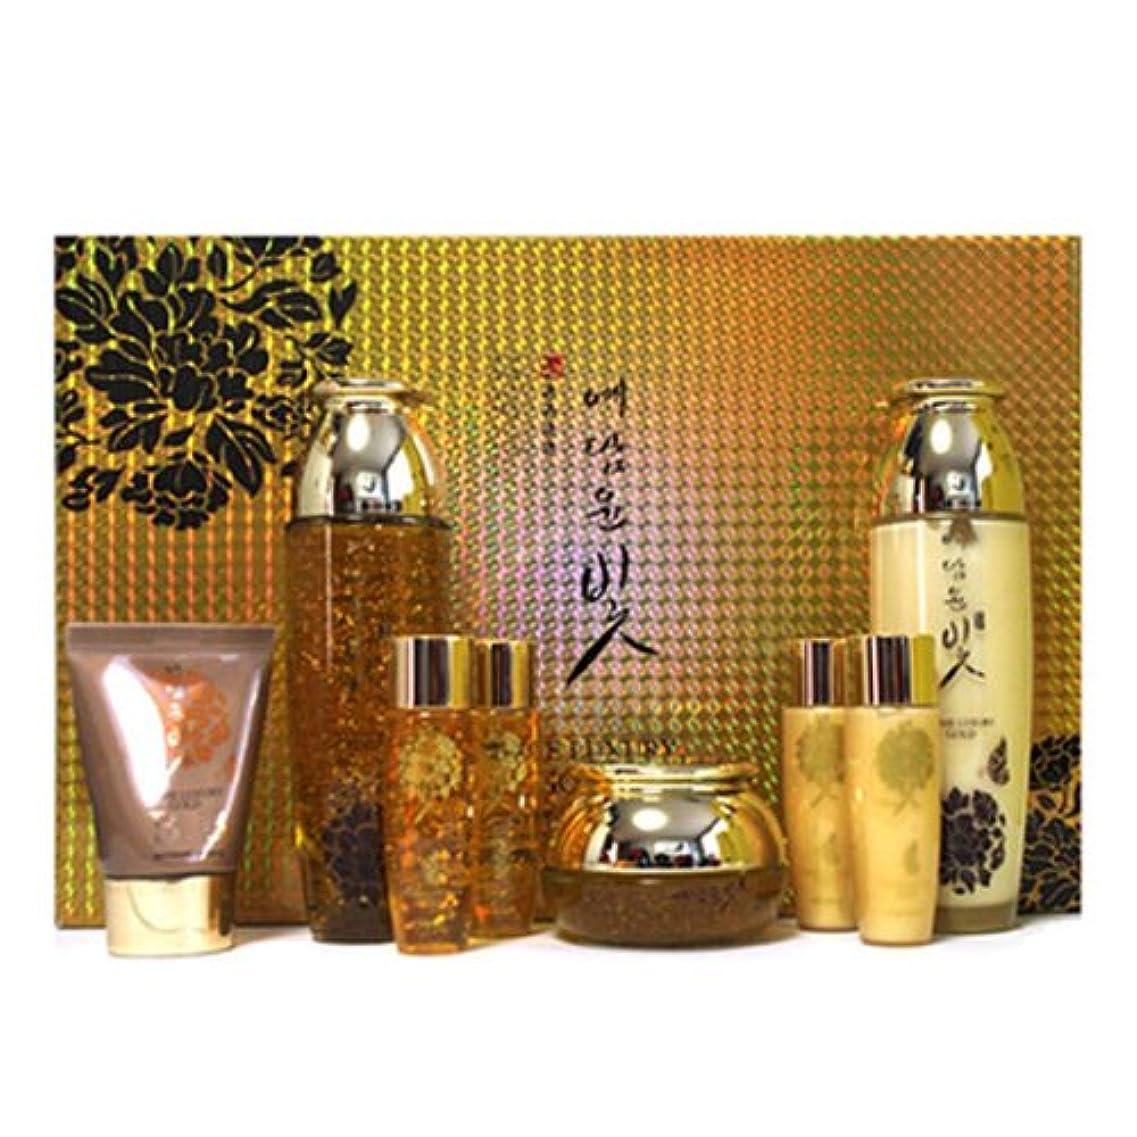 フラップ起業家素晴らしい良い多くのイェダムユンビト[韓国コスメYedam Yun Bit]Prime Luxury Gold Skin Care Set プライムラグジュアリーゴールドスキンケア4セット 樹液 乳液 クリーム/ BBクリーム [並行輸入品]